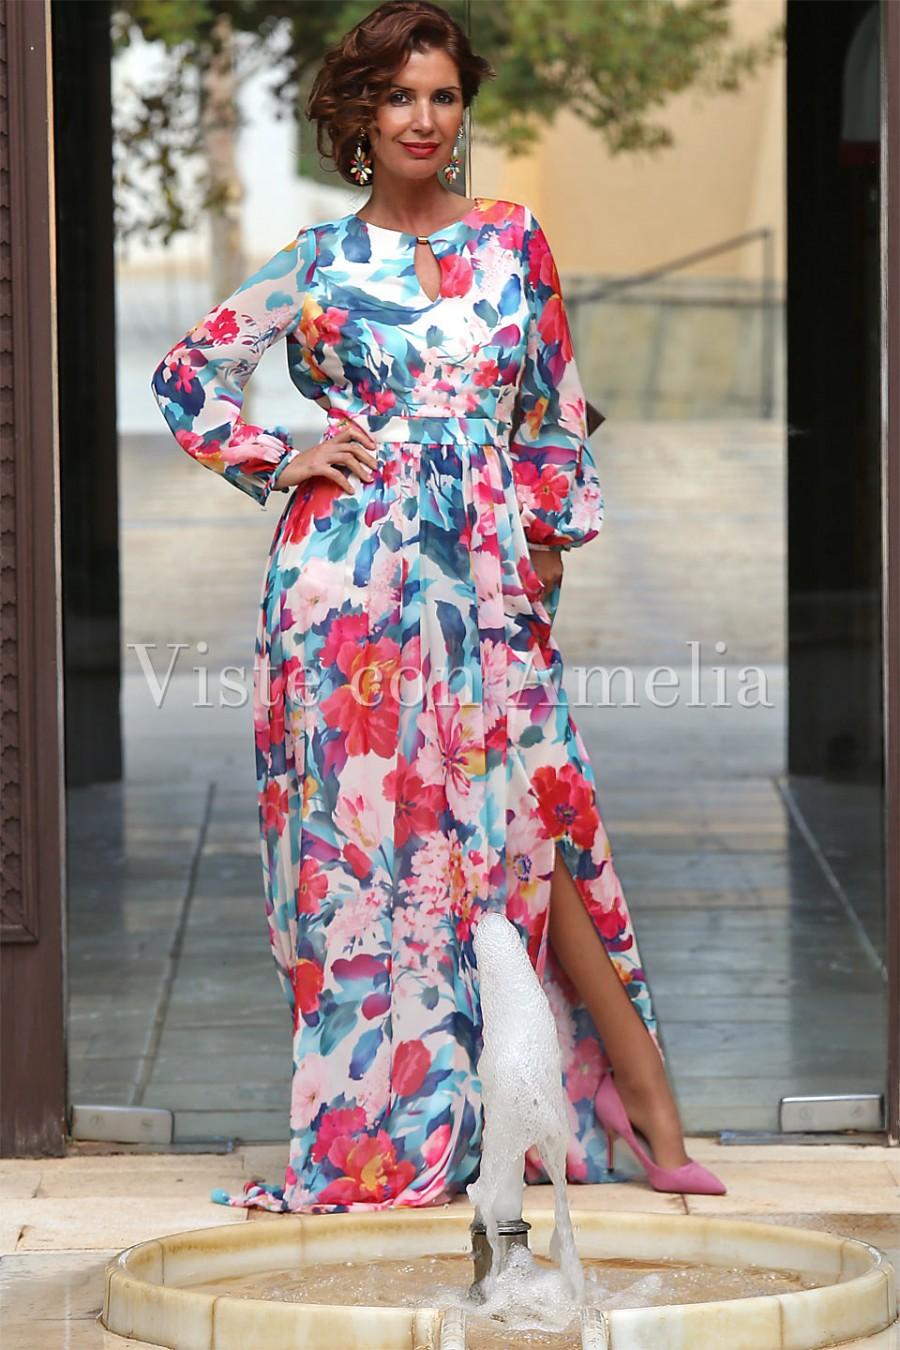 70c7302168 Qué accesorios usar con tus vestidos florales  - Viste con Amelia